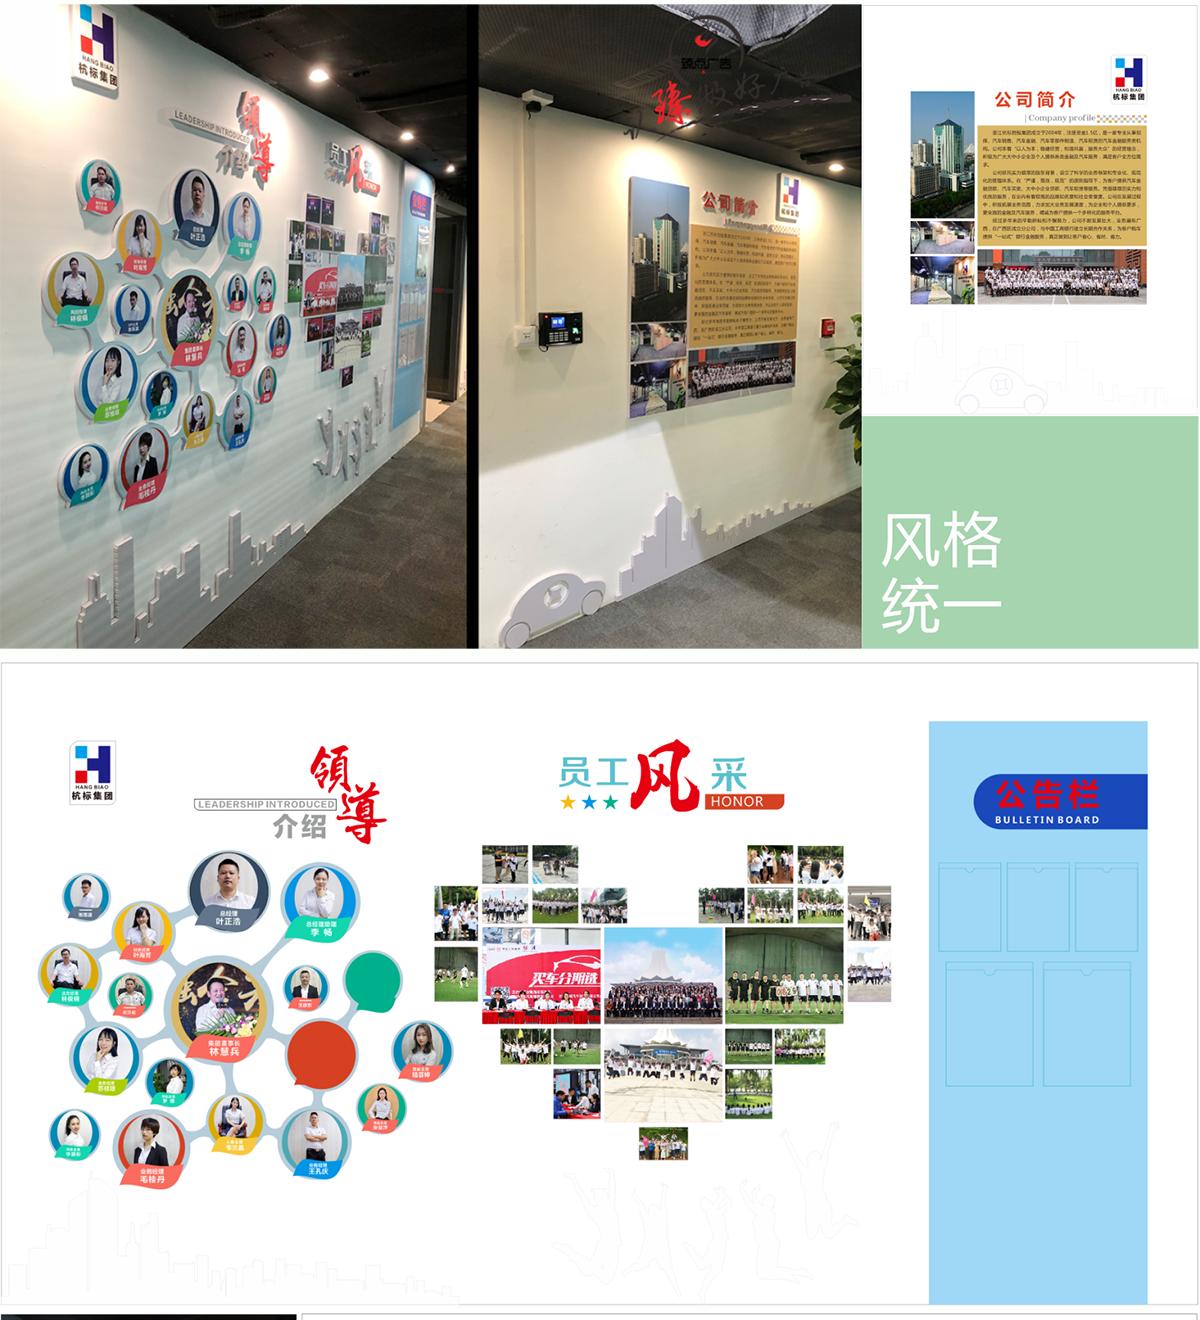 草菇app杭标企业文化墙设计制作_02.png